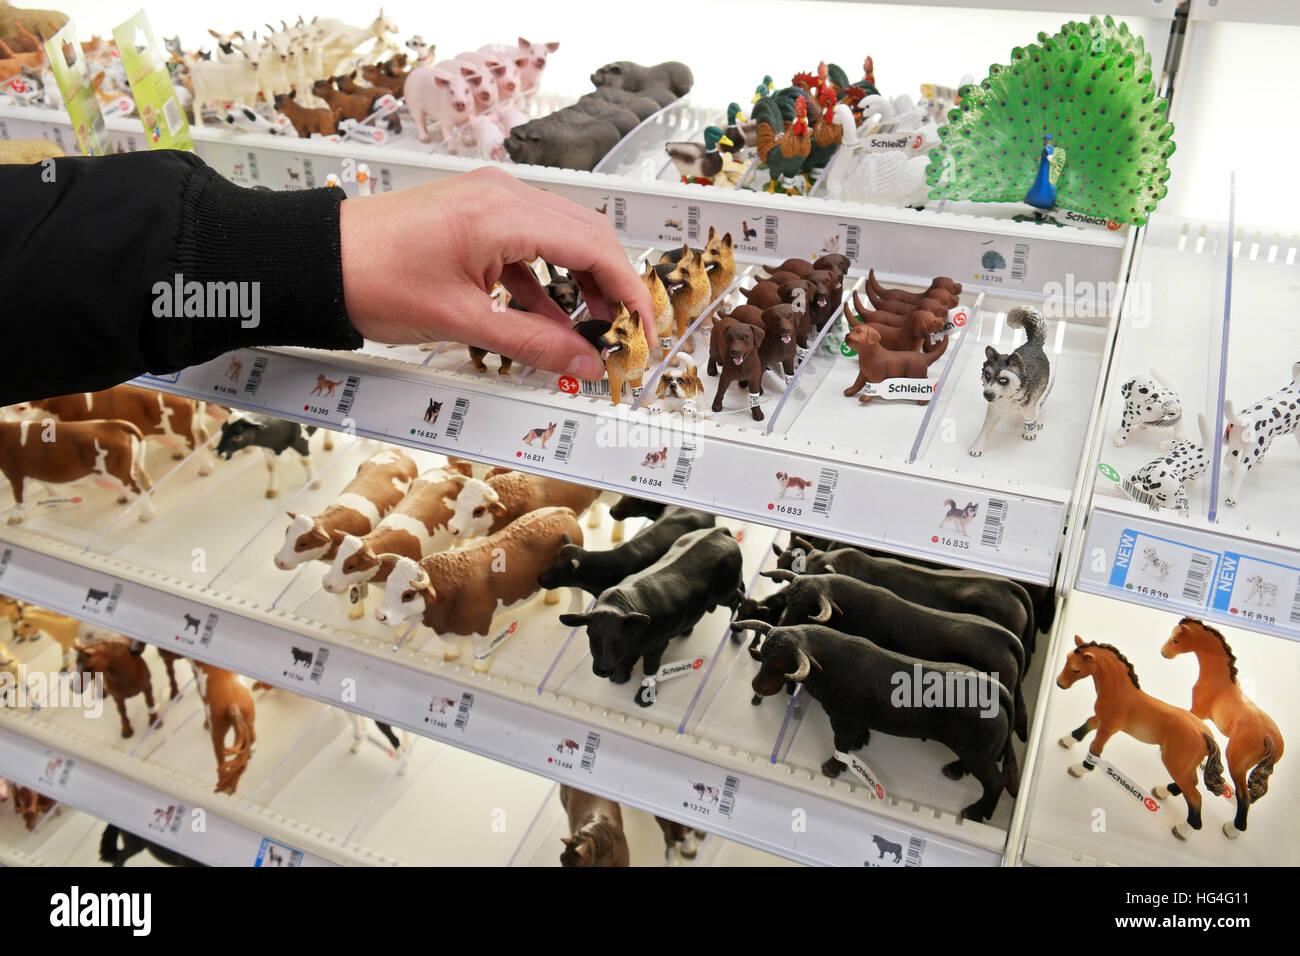 Animaux En Plastique Jouet jouets animaux schleich, figurines en plastique dans un